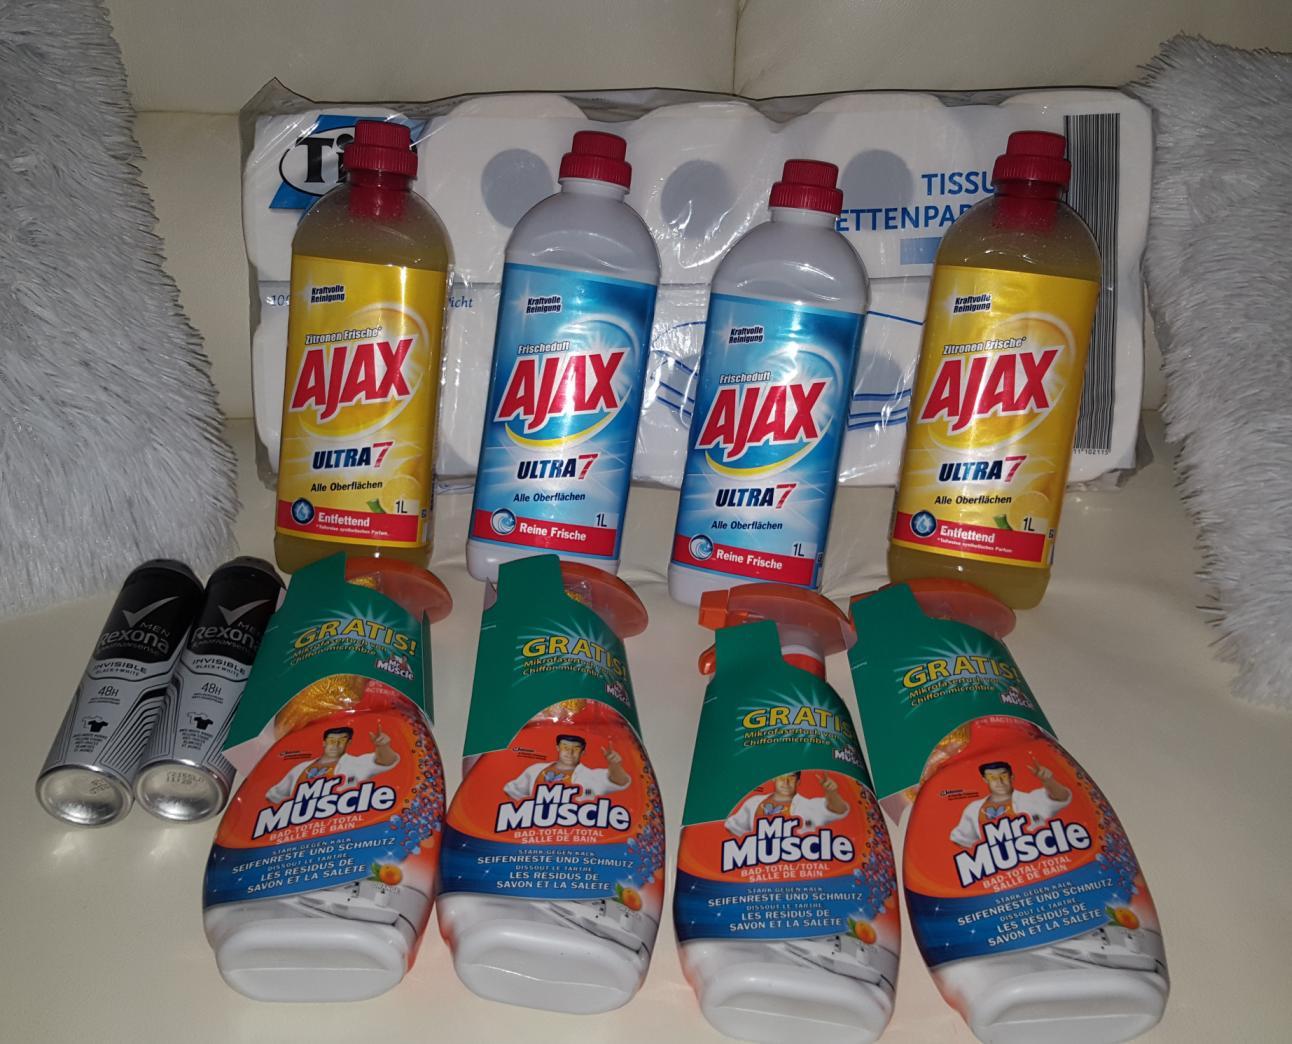 [REAL] Bsp. 4x Mr. Muscle Reiniger + 2x Rexona Deo + 4x Ajax Allzweckreiniger für 5,00€